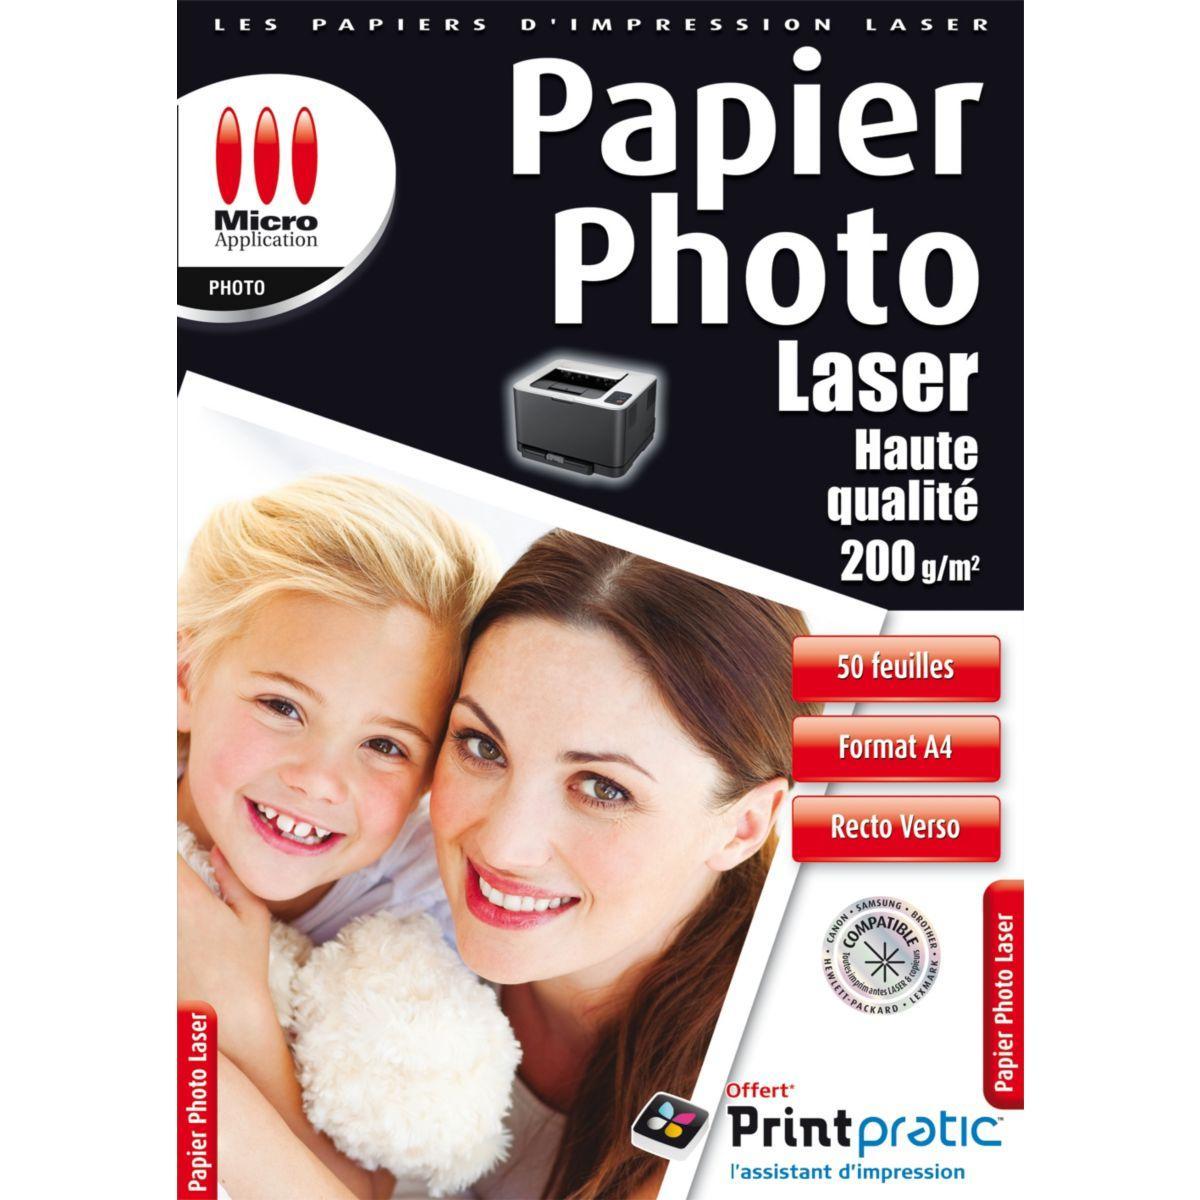 Papier photo micro application photo laser 200g/m2 - 50 feuilles - 3% de remise immédiate avec le code : multi3 (photo)